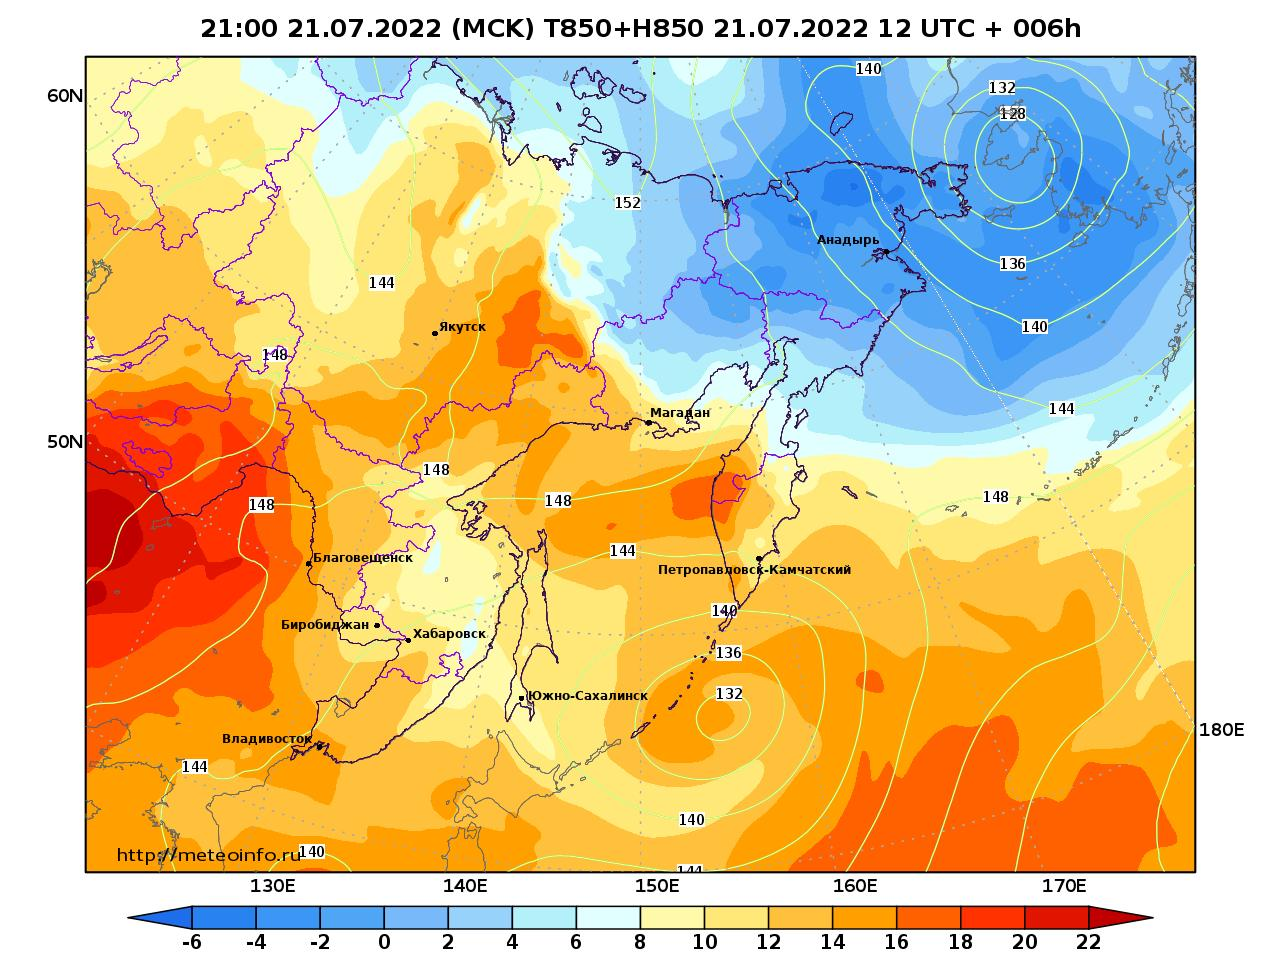 Дальний Восток, прогностическая карта температура T850 и геопотенциал H850, заблаговременность прогноза 6 часов